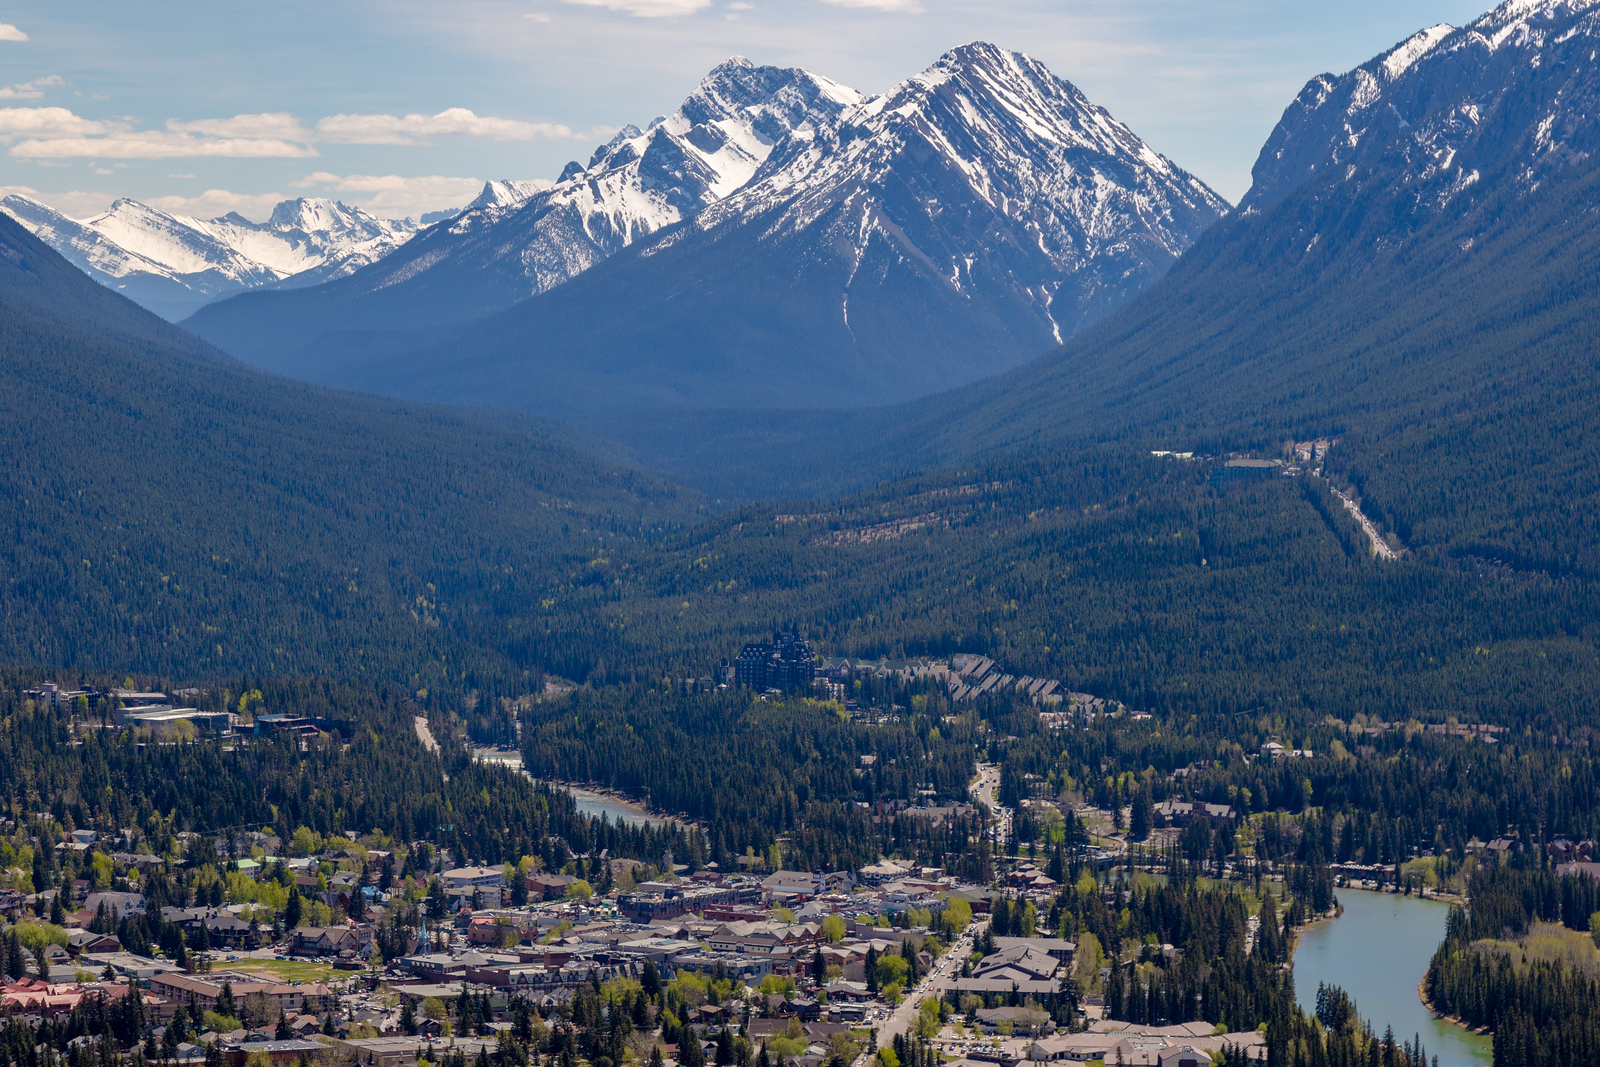 Rockies towering over Banff, Alberta